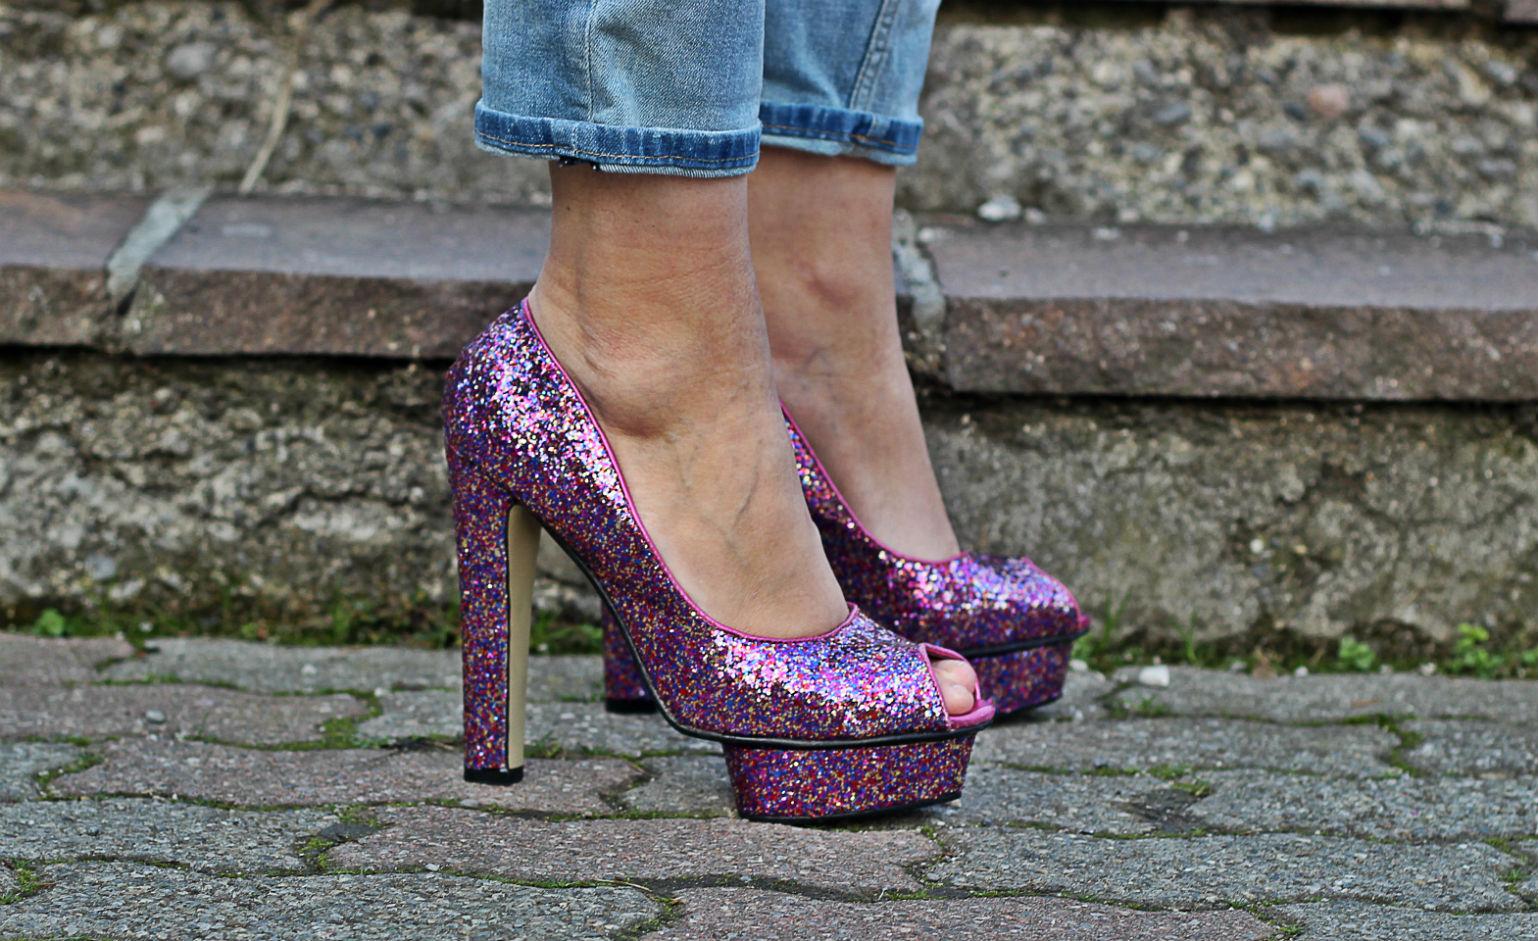 Scarpe rosa glitter - scarpe da barbie